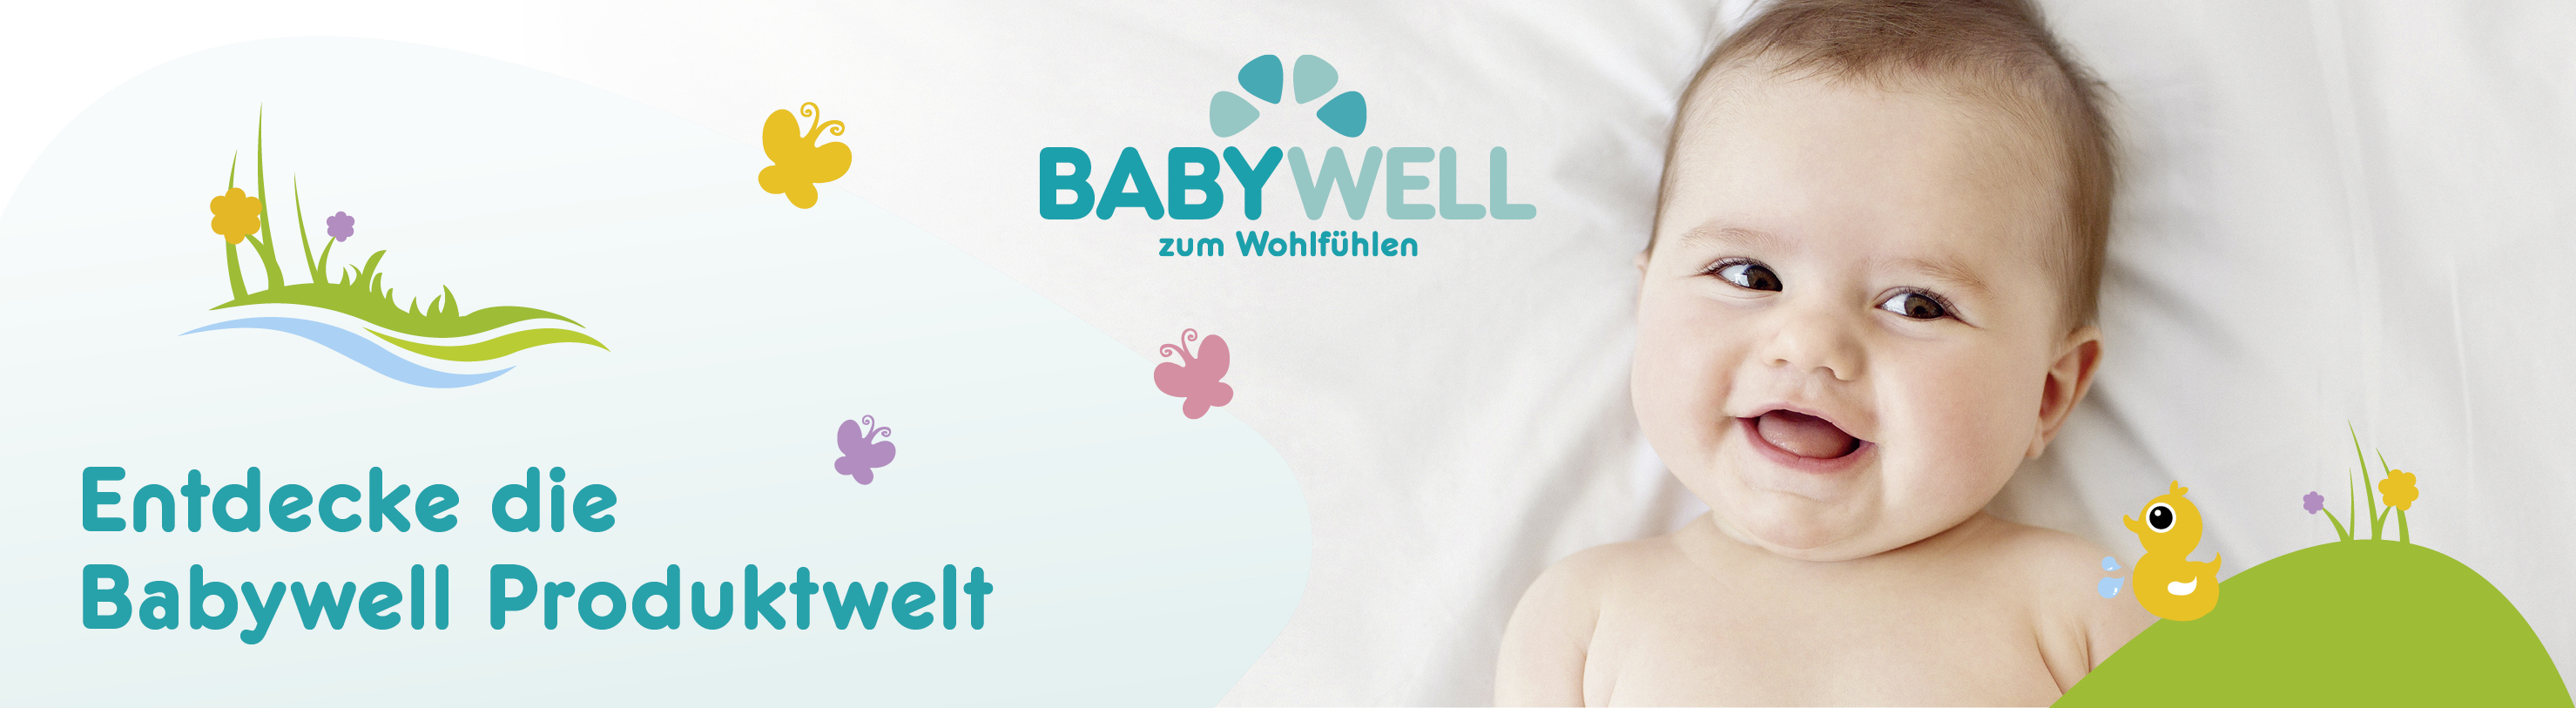 BABYWELL Markenwelt